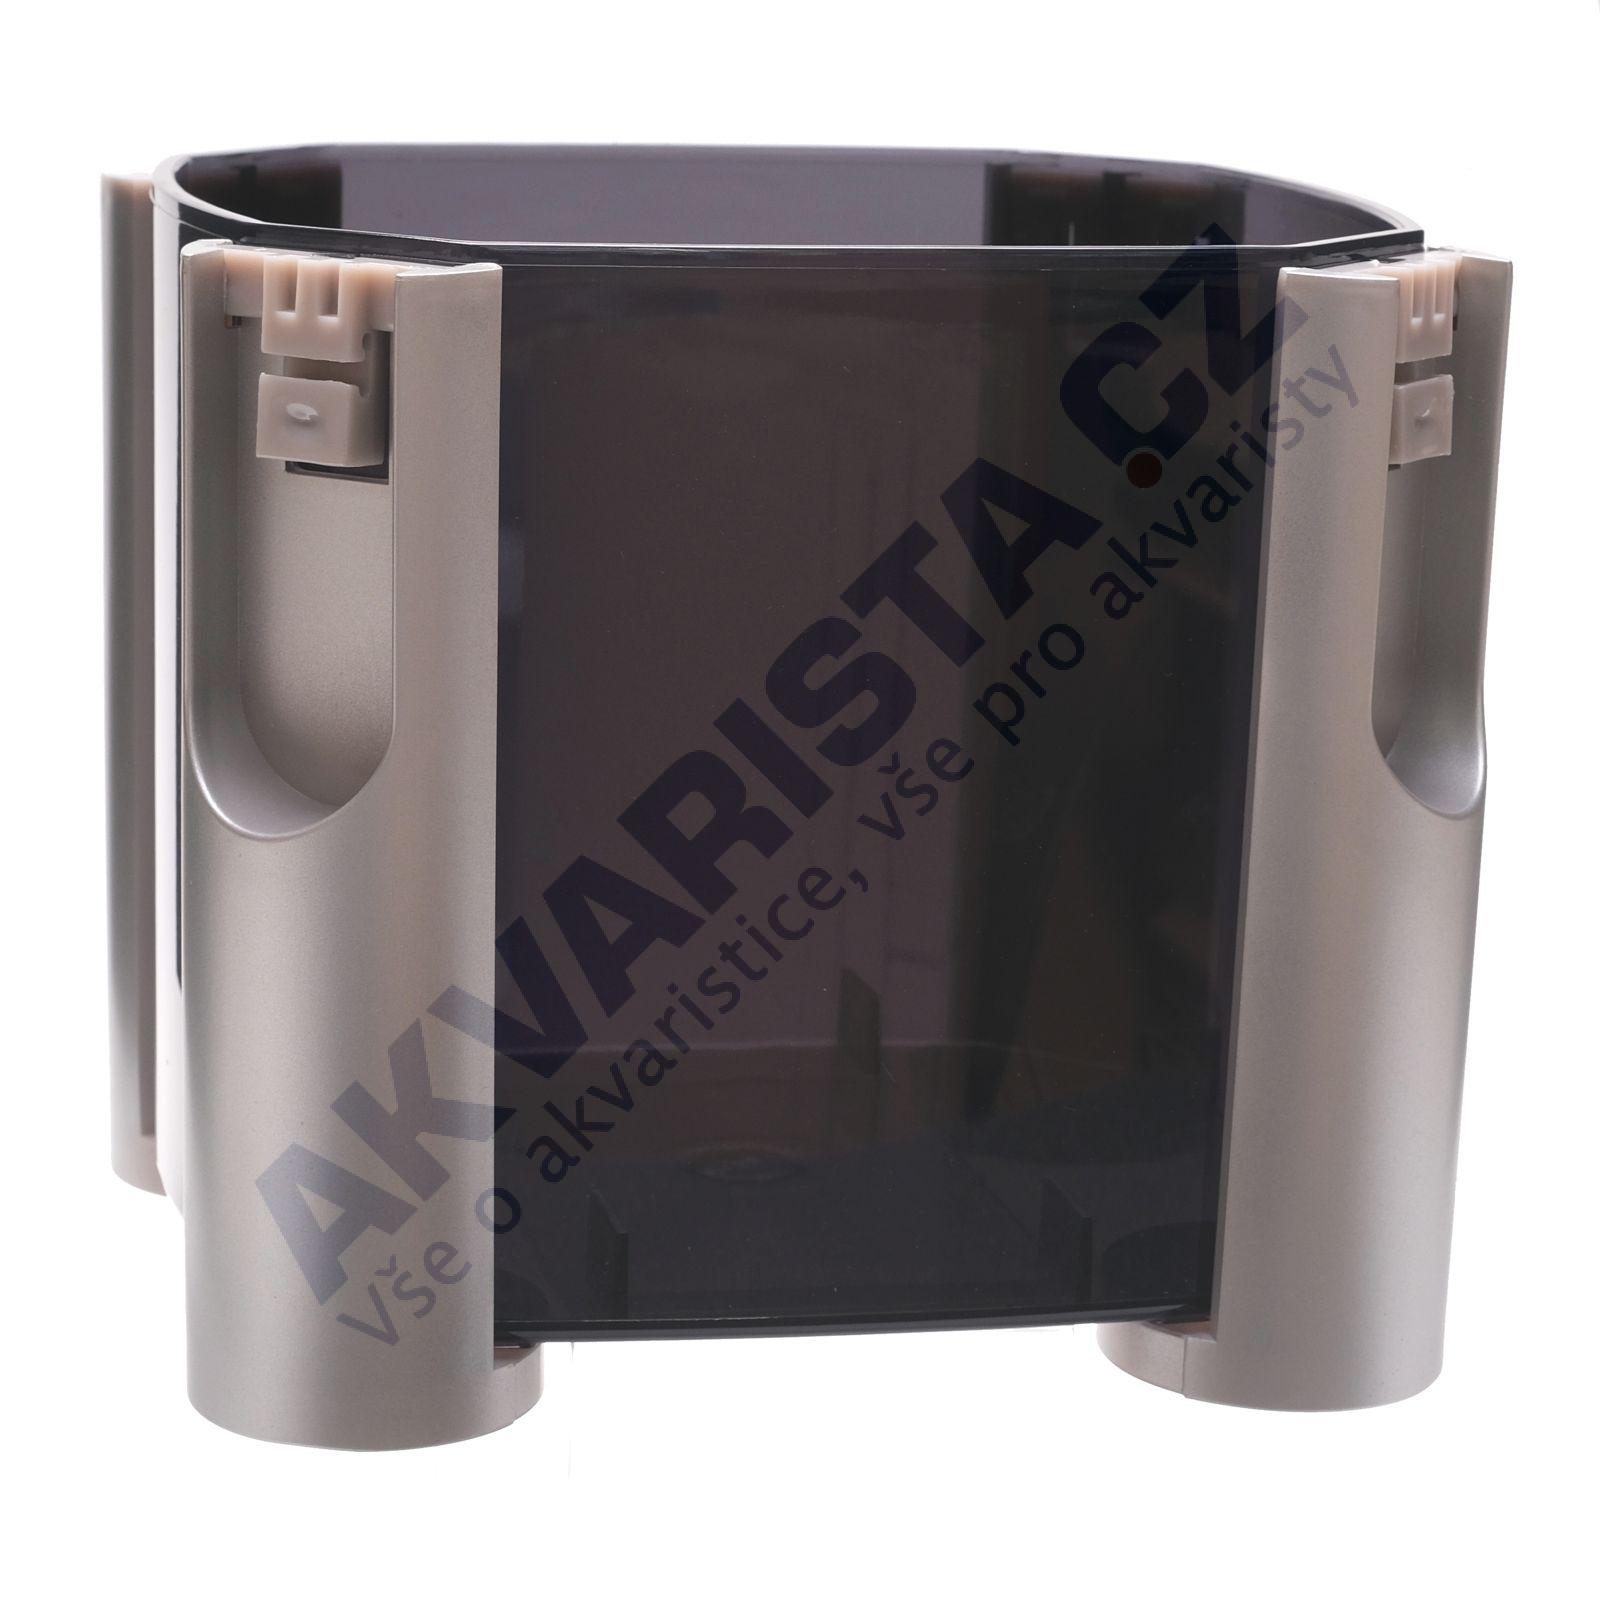 JBL Náhradní nádoba filtru CristalProfi e401, e402